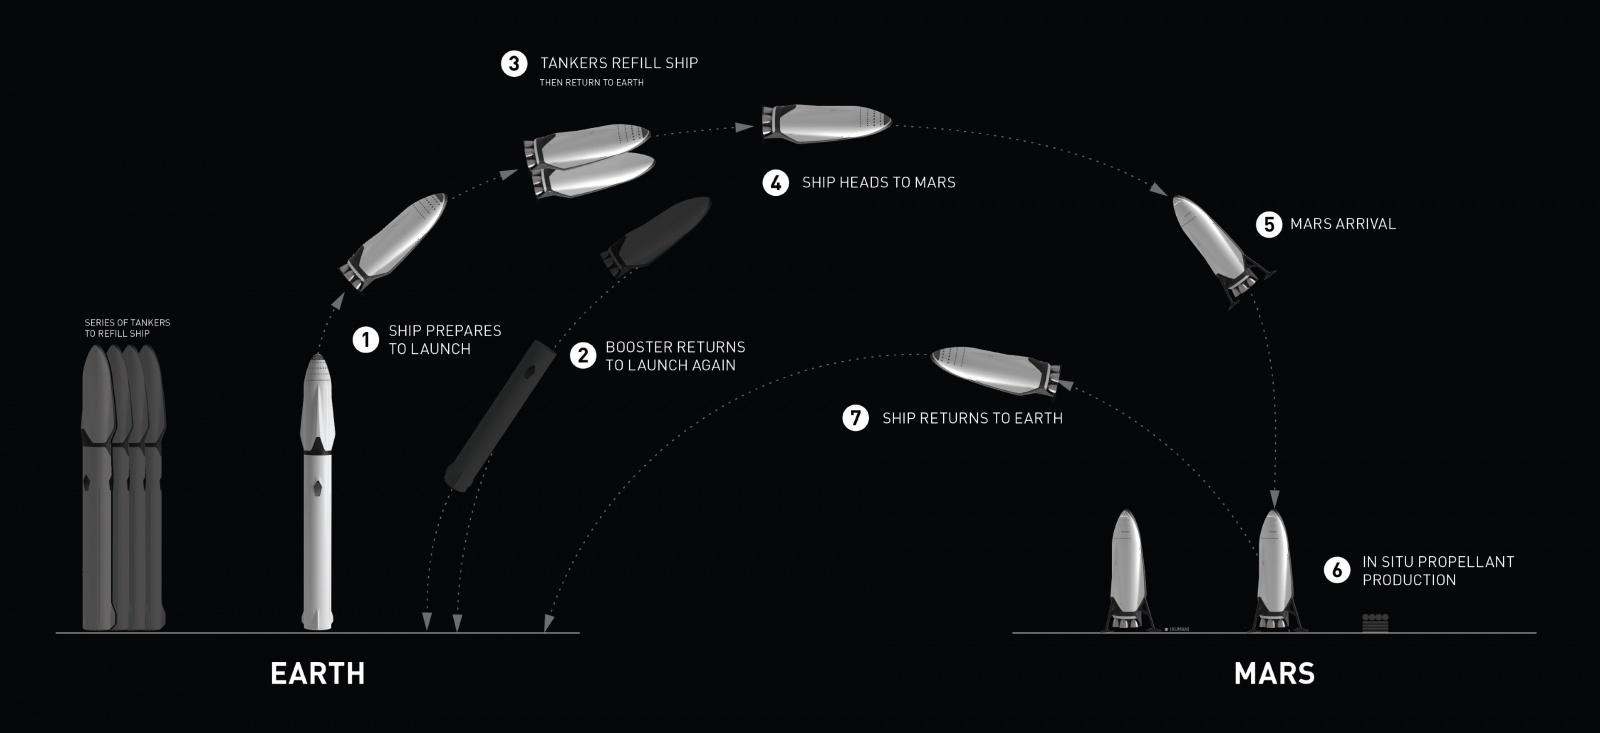 Космические жилища, ч. 3: как мы будем жить на Марсе - 3